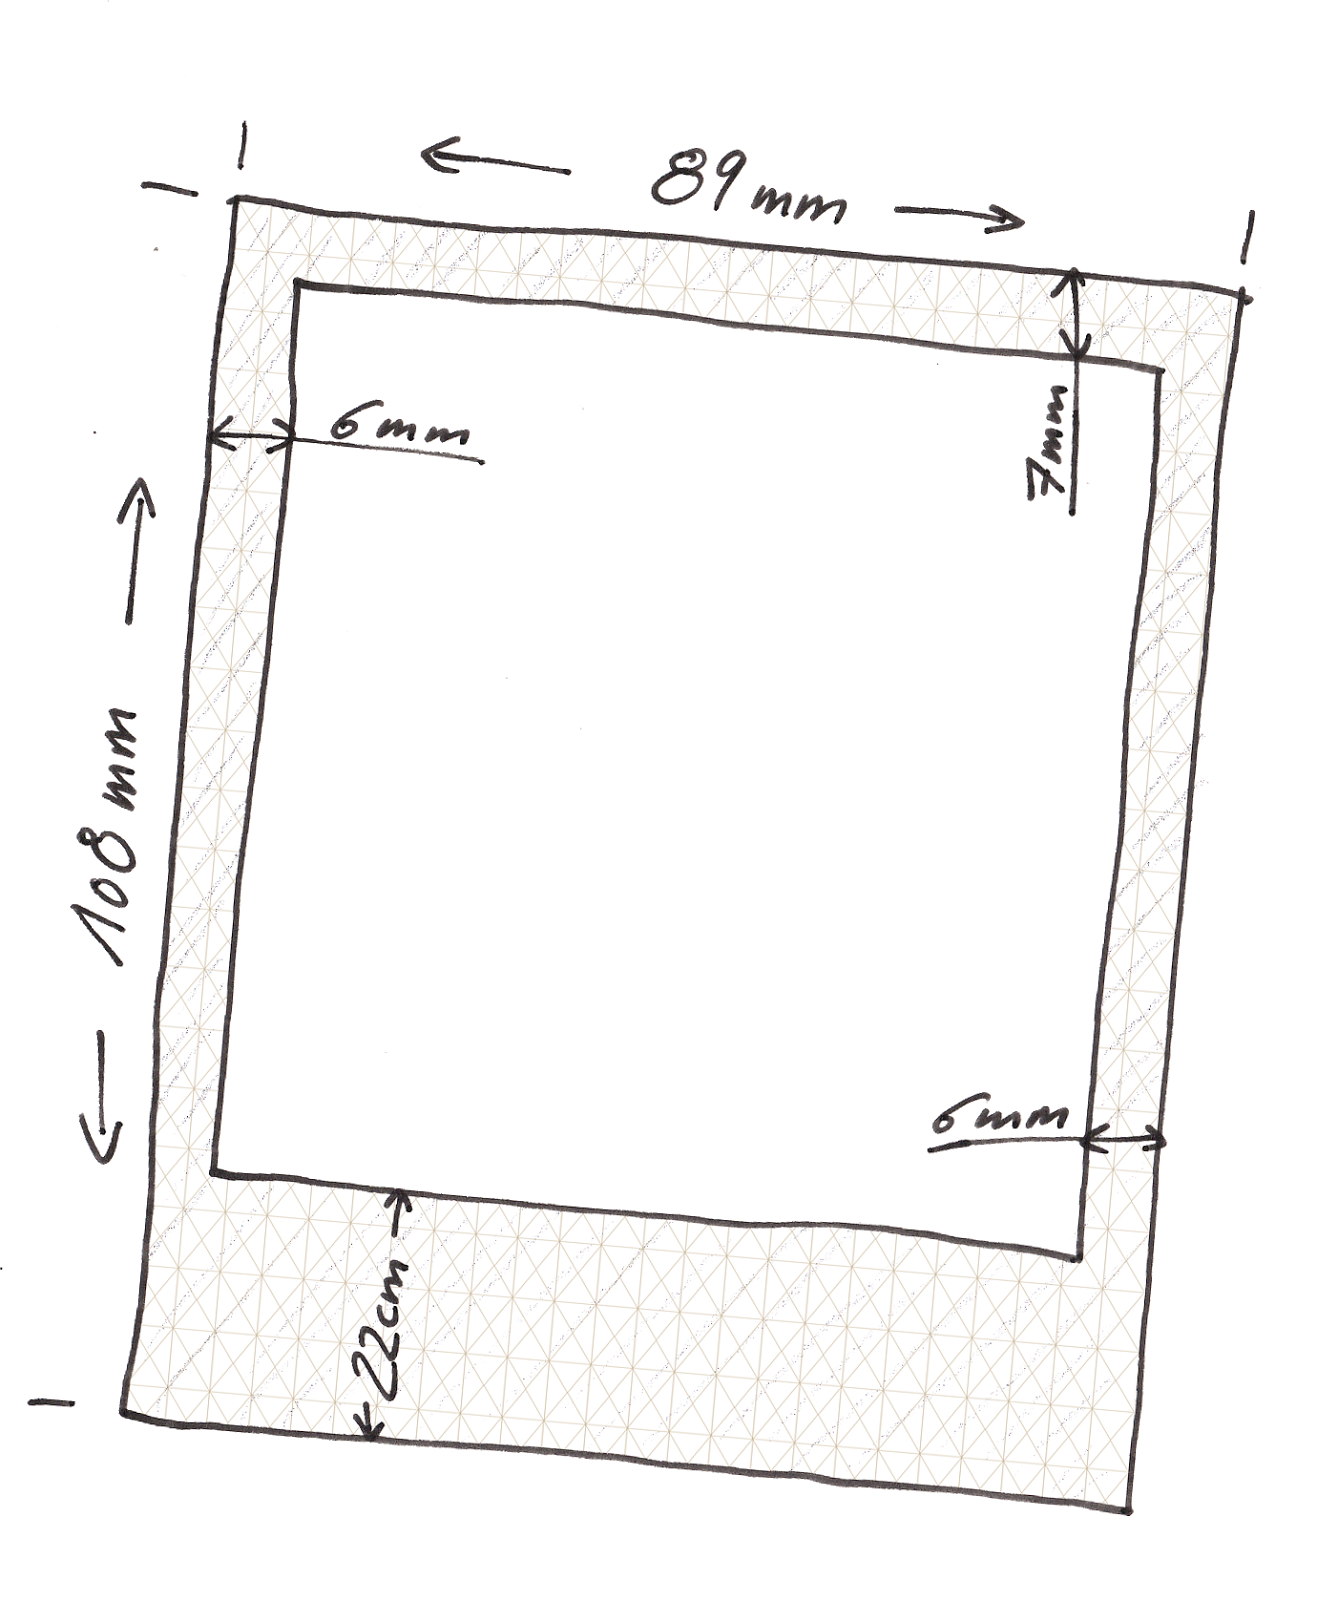 wie war bei der sofortbildkamera das bildformat bilder foto. Black Bedroom Furniture Sets. Home Design Ideas